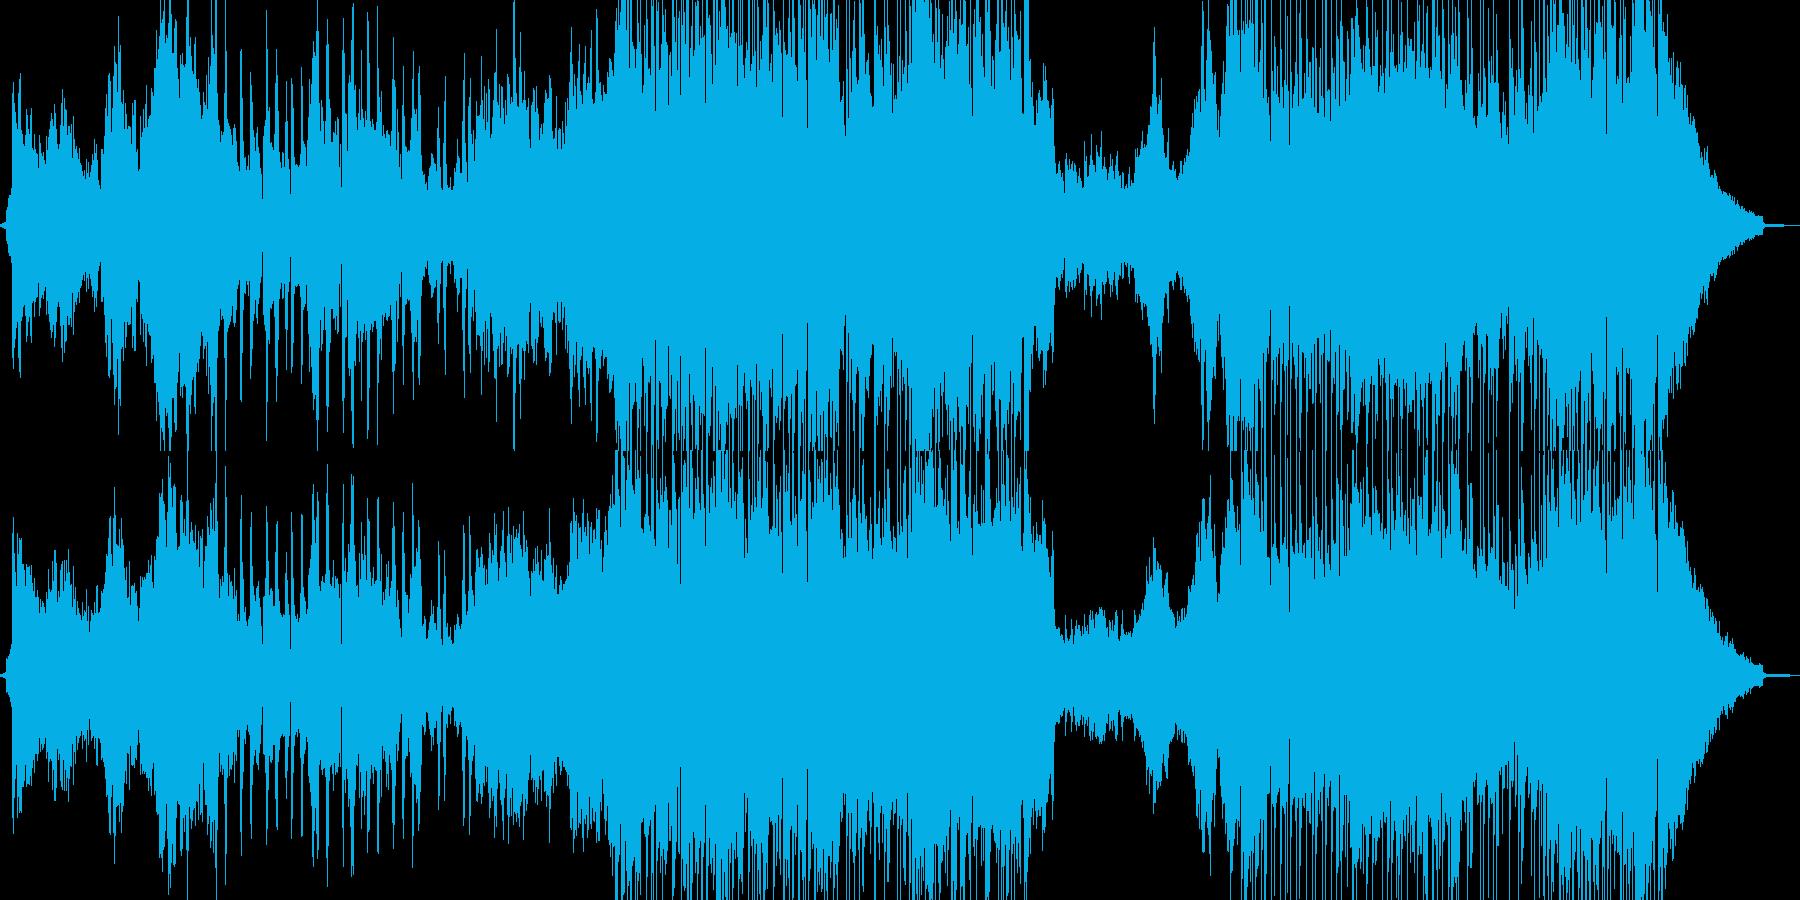 メルヘンな世界観・ガーリーポップ 短尺Bの再生済みの波形